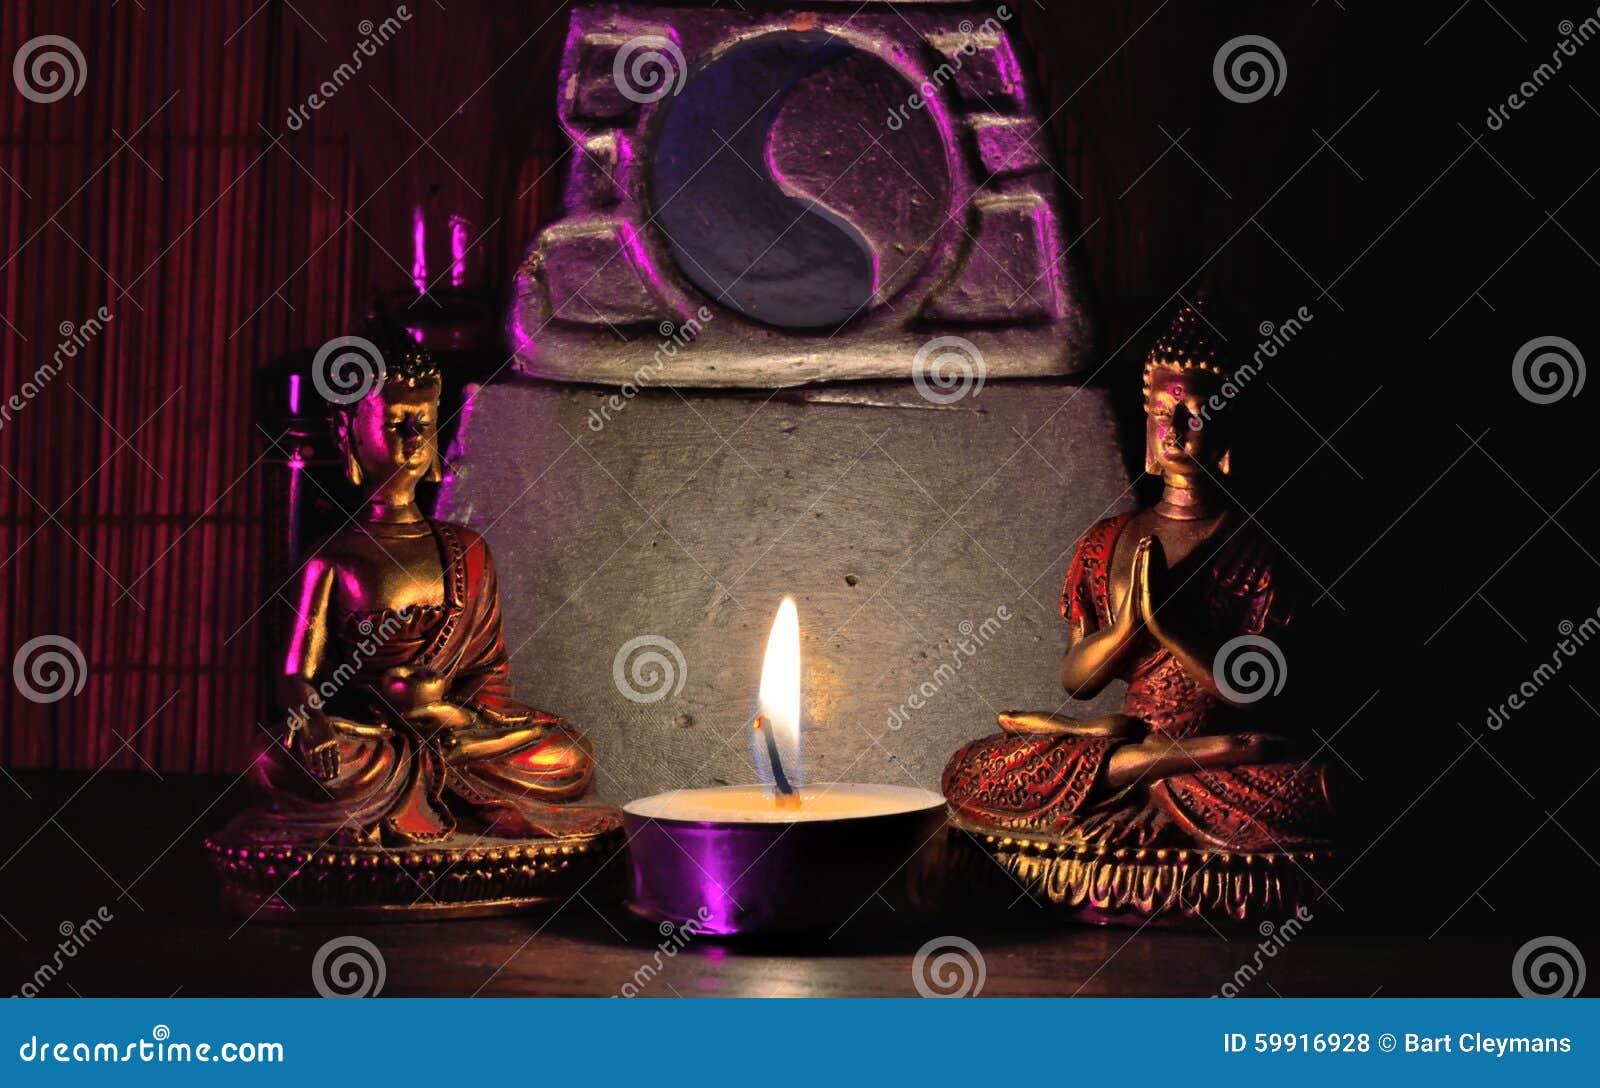 Σκηνή: Δύο μικροσκοπικά αγάλματα του Βούδα, μικροσκοπικός βωμός και αναμμένο κερί,